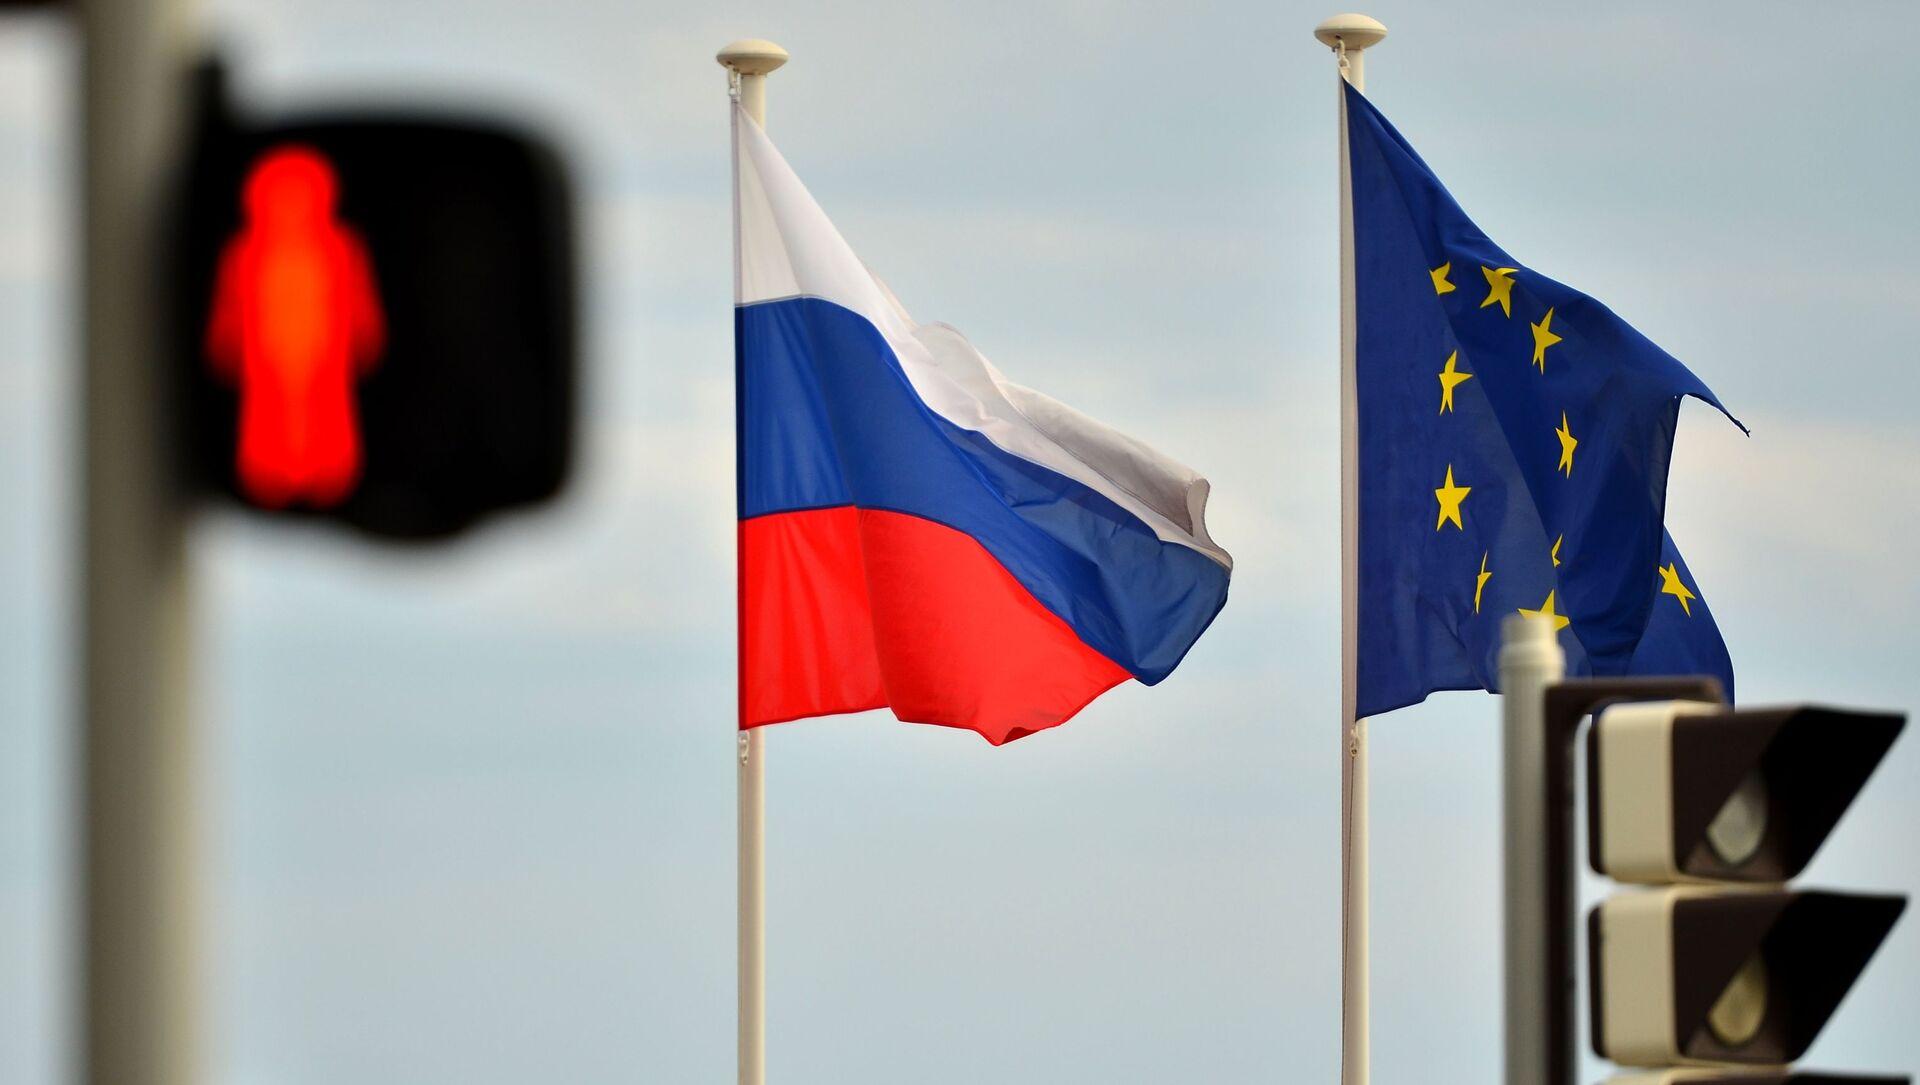 ევროკავშირისა და რუსეთის დროშები - Sputnik საქართველო, 1920, 18.06.2021